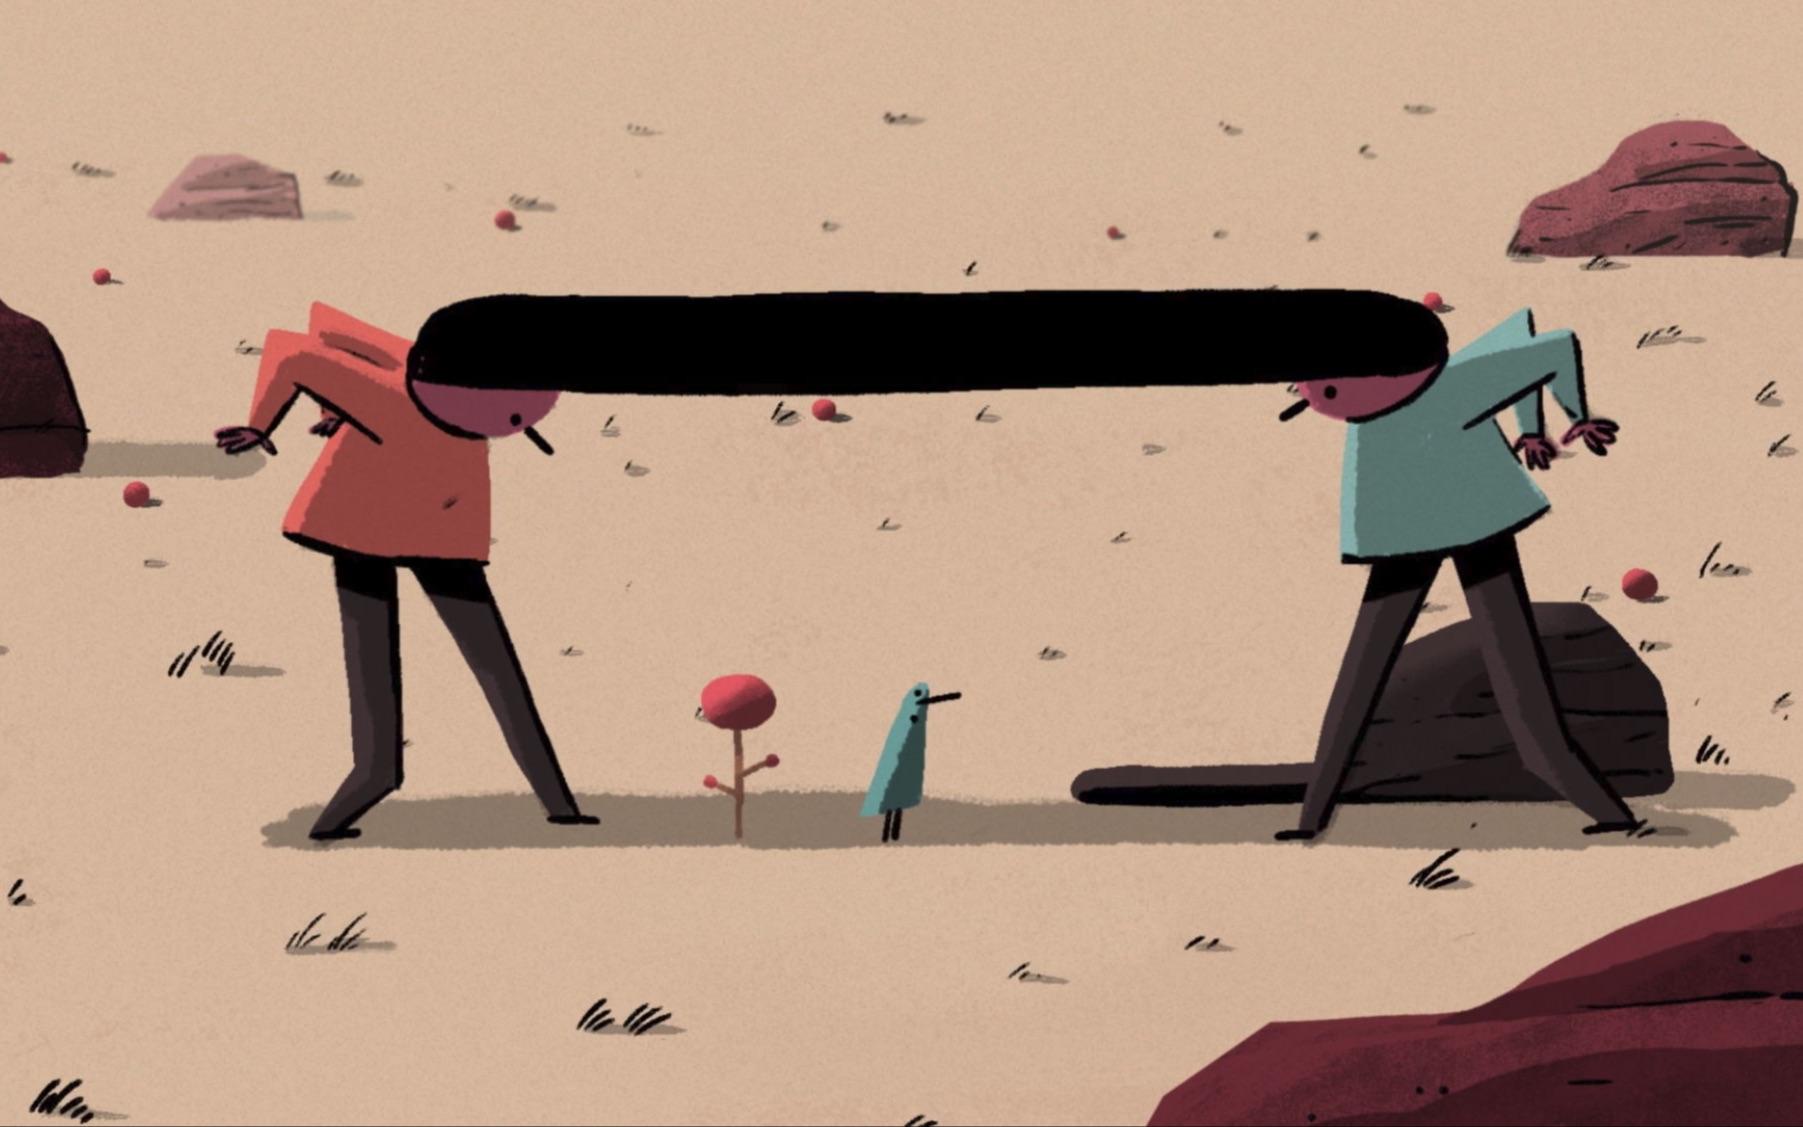 【动画短片】世上没有孤立的人,我们都有千丝万缕的联系